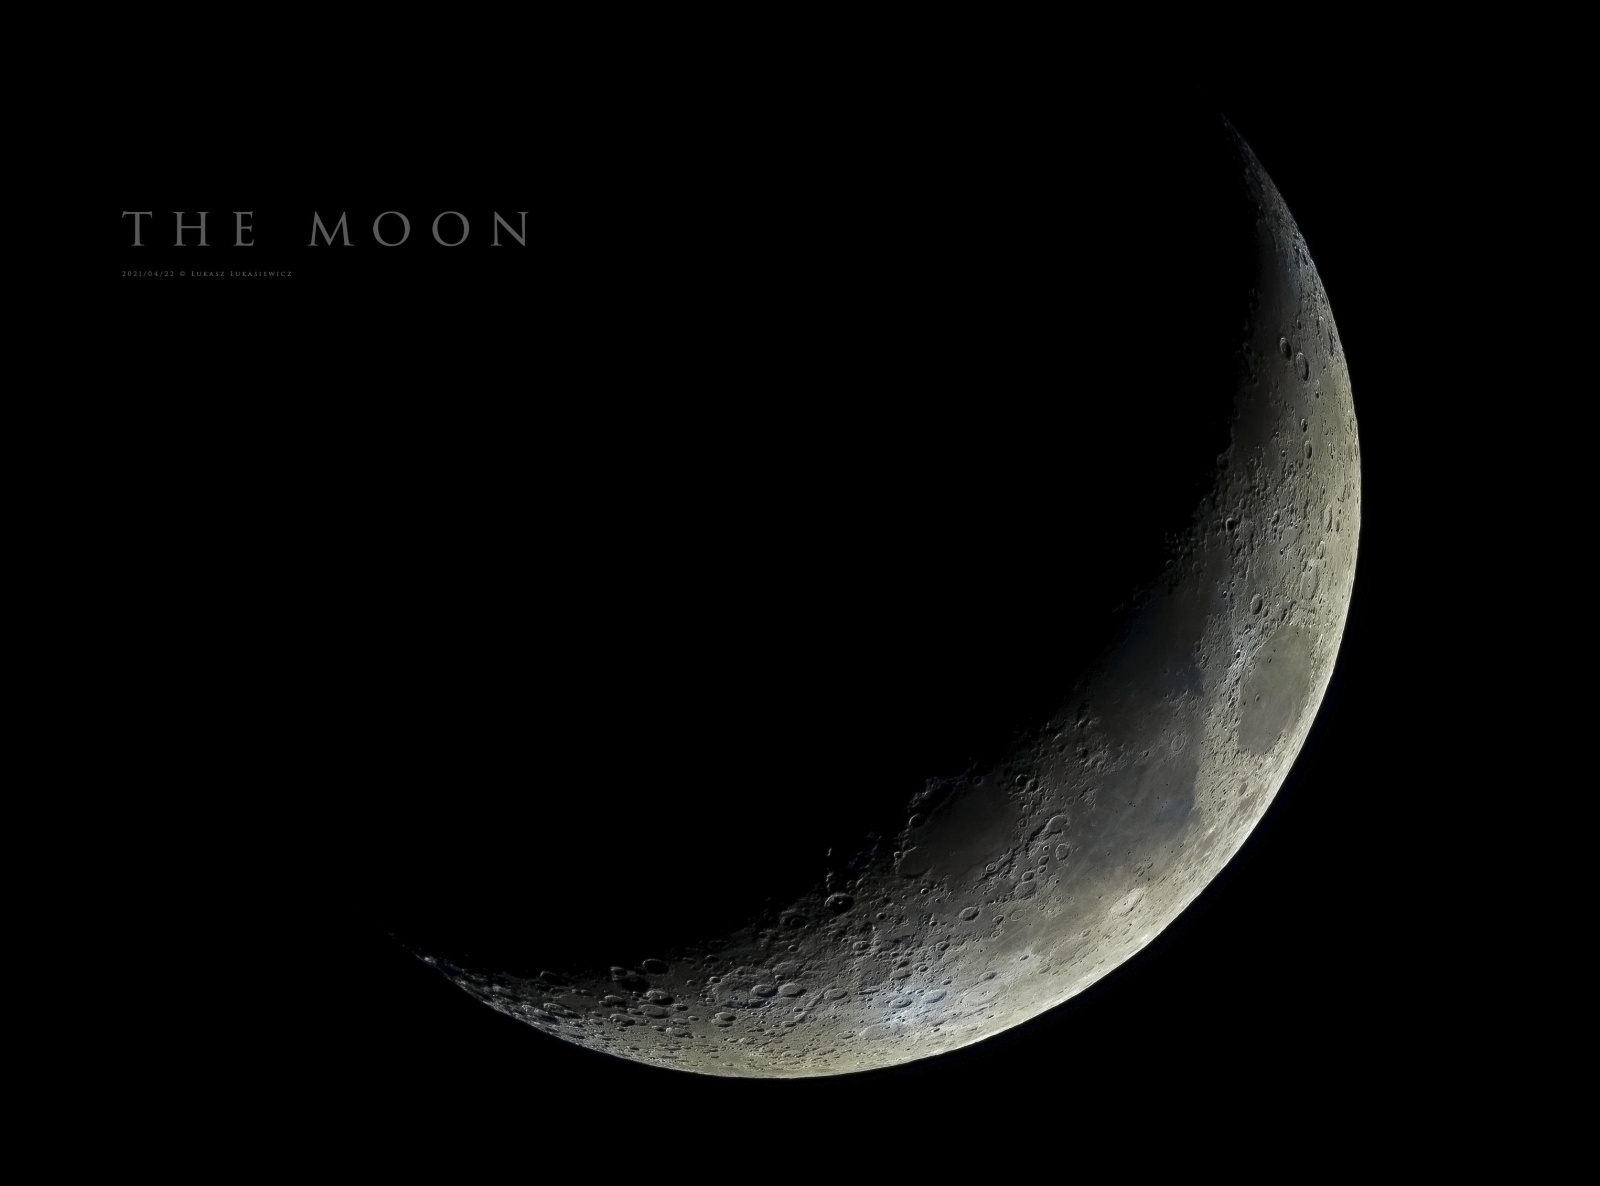 THE-MOON-2021-05-16-90.jpg